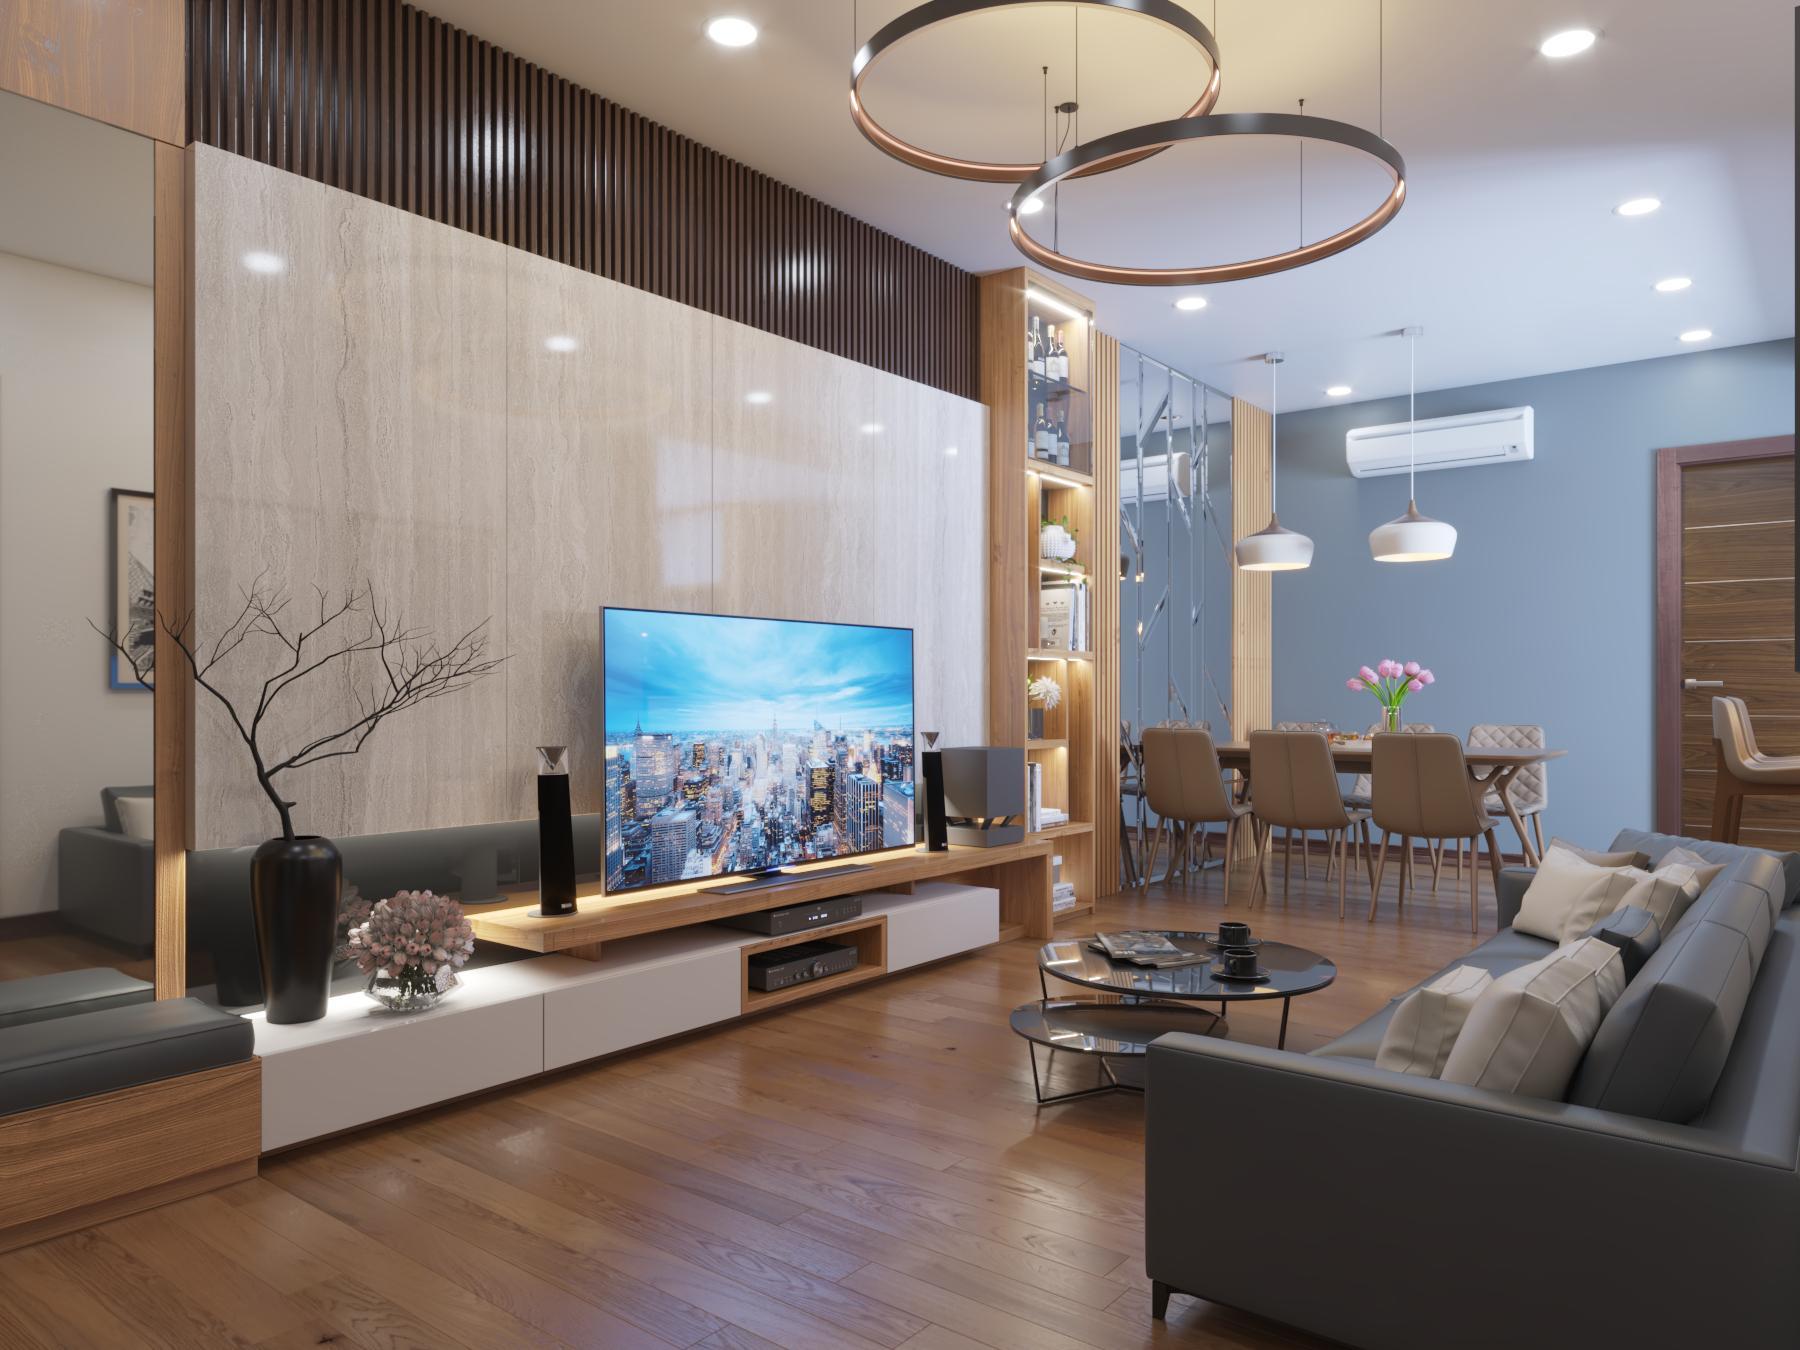 Phòng khách căn hộ mẫu số 10 Dự án Phú Thịnh Green Park HTV Complex